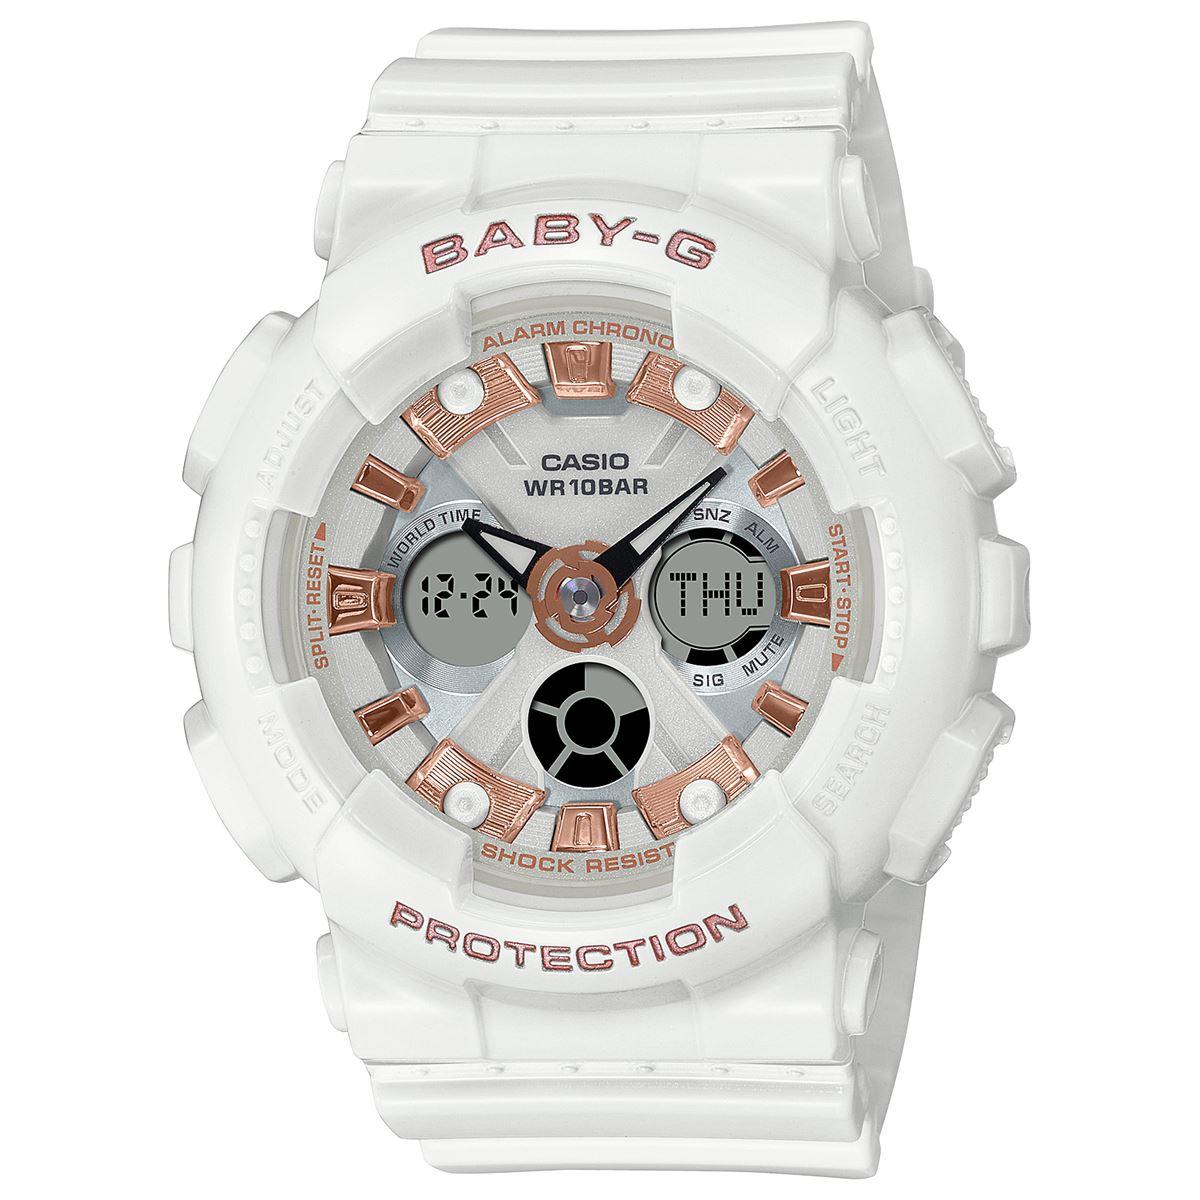 カシオ CASIO ラバーズコレクション2020 クリスマス限定モデル Gショック G-SHOCK ベビーG BABY-G 腕時計 ペアウォッチ ラバコレ LOV-20A-7AJR